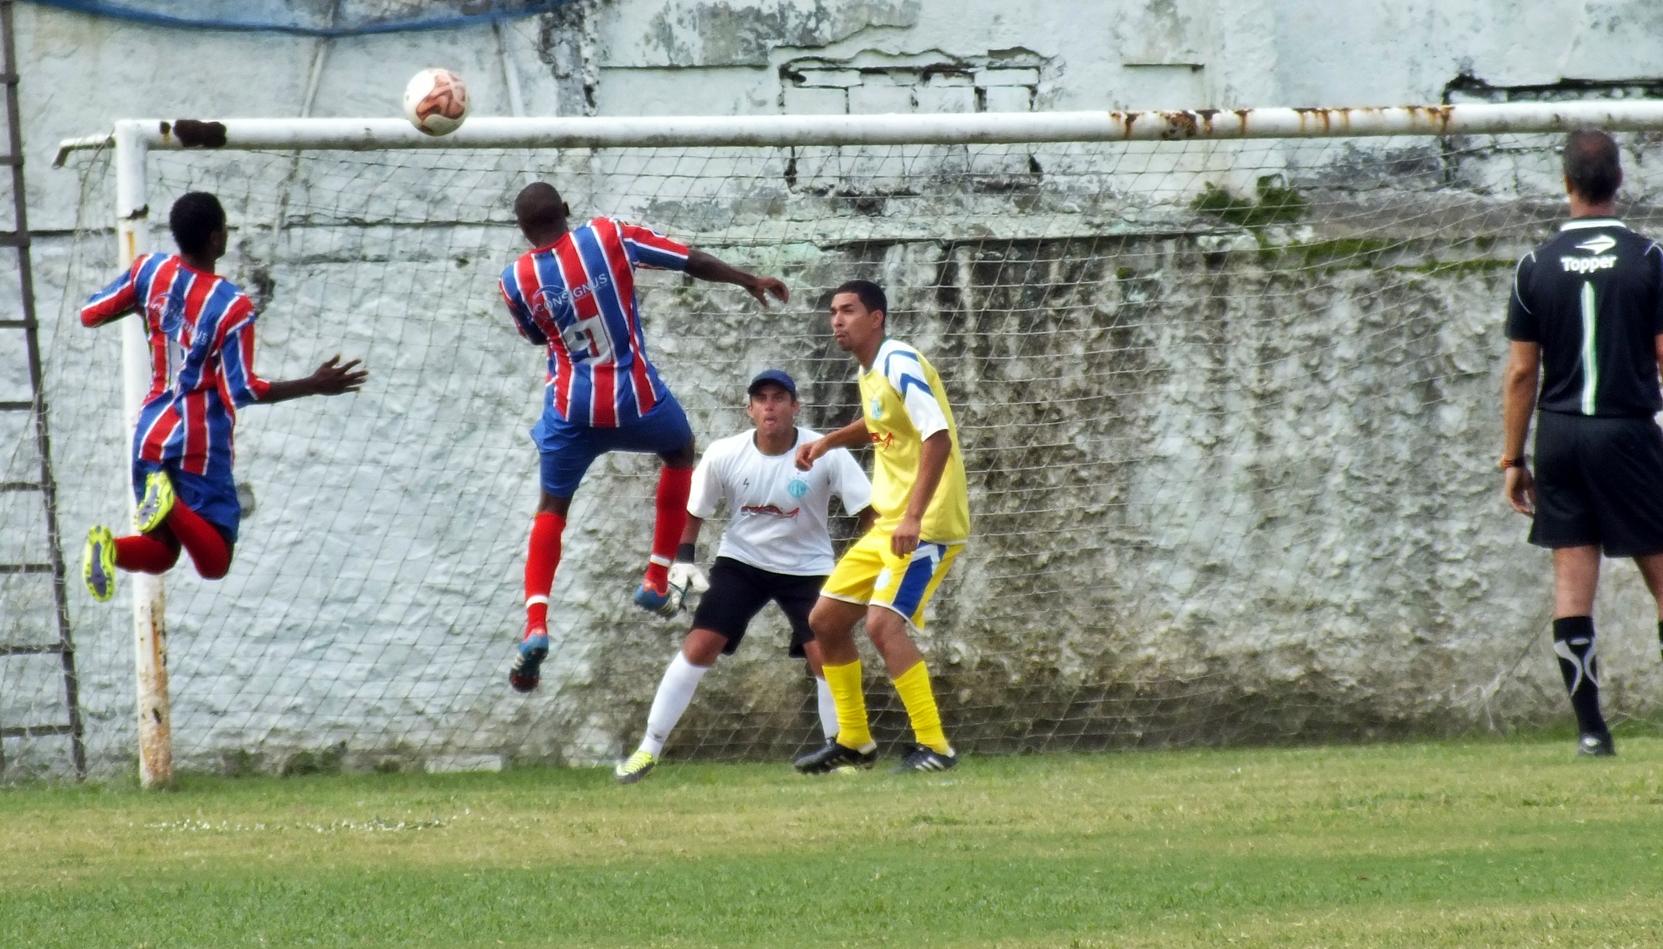 Amparo venceu por 3 a 0 o time do Bairro da Amizade. (Foto: João Henrique | Maricá Info)